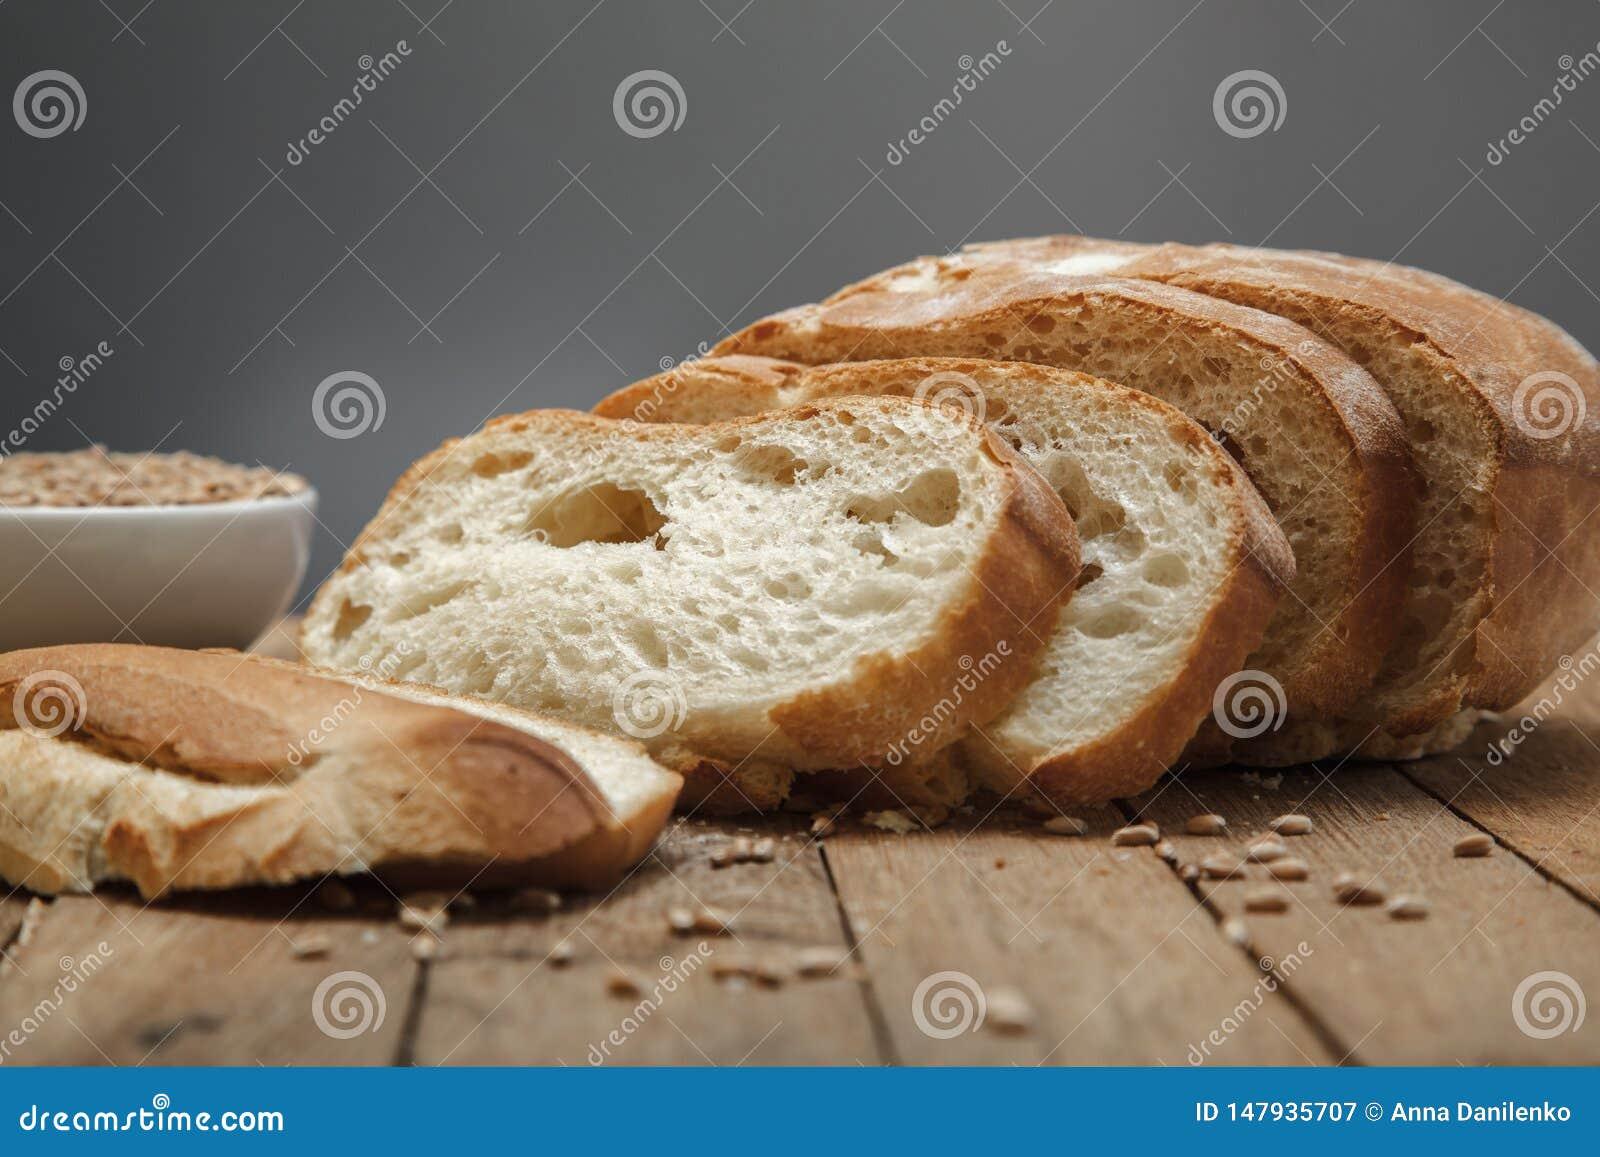 Pan y cereales cortados frescos